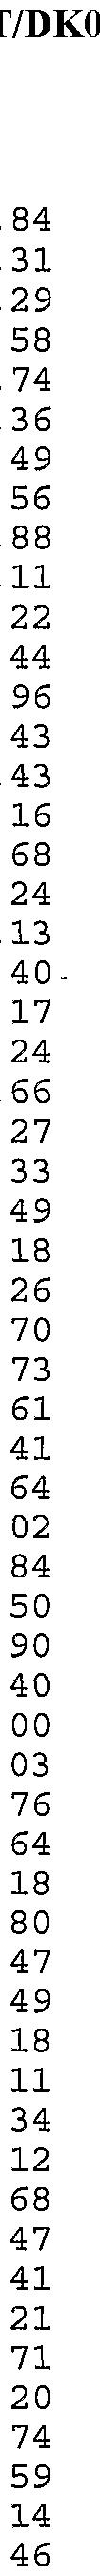 Figure imgf000105_0006